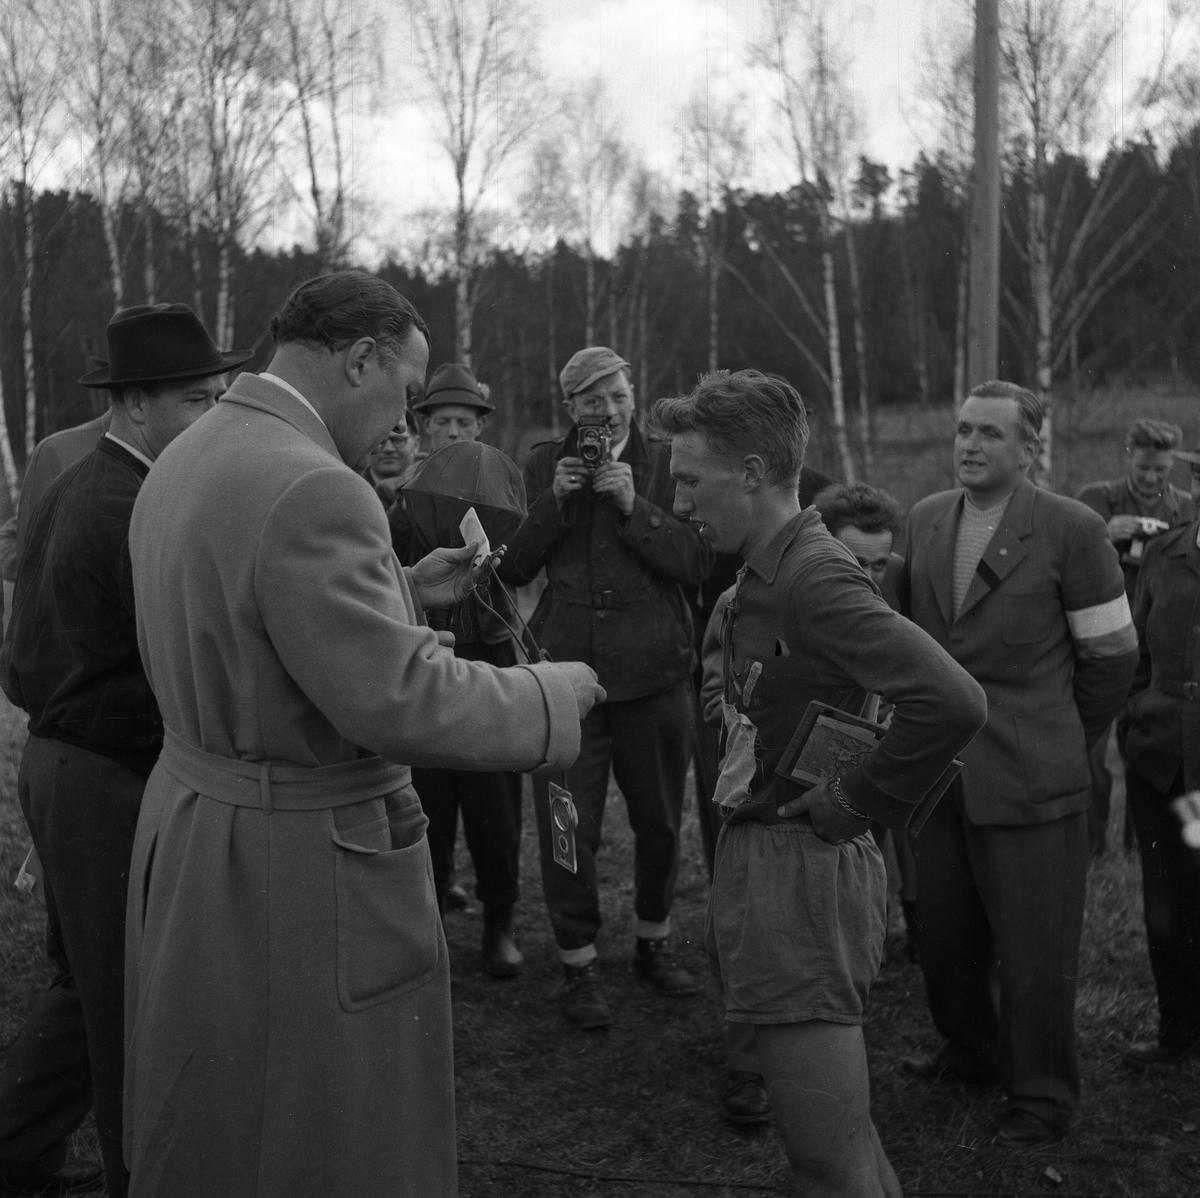 """Arboga Orienteringsklubb har vunnit tiomilaorienteringen. Lennart Öberg (med kartan i handen) samtalar med Prins Bertil medan fotografer och funktionärer ser på. Lennart Hyland (i mörk hatt) väntar på att få en intervju i radio. Prins Bertil håller i kompassen.  Starten gick i Malmköping och målgången skedde i Bränninge, Södertälje.  Bilder, från detta tillfälle, finns i Reinhold Carlssons bok """"Arboga objektivt sett""""."""